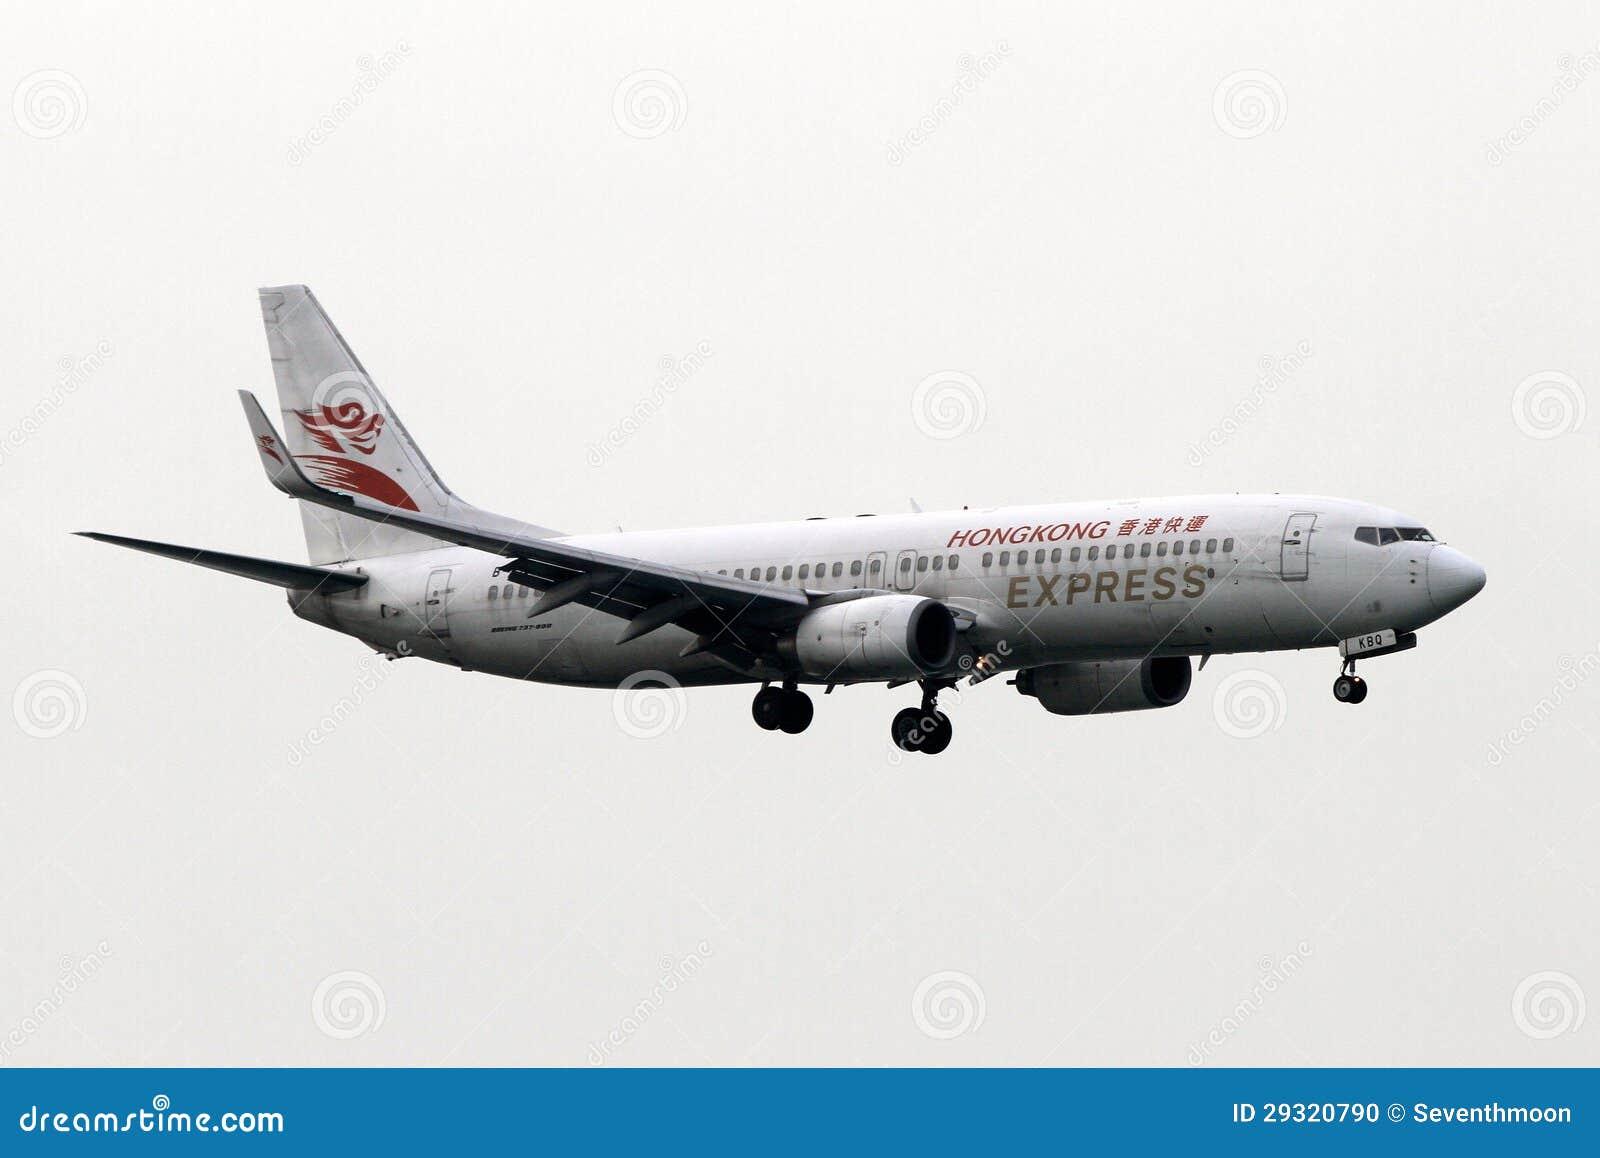 香港明确航空公司